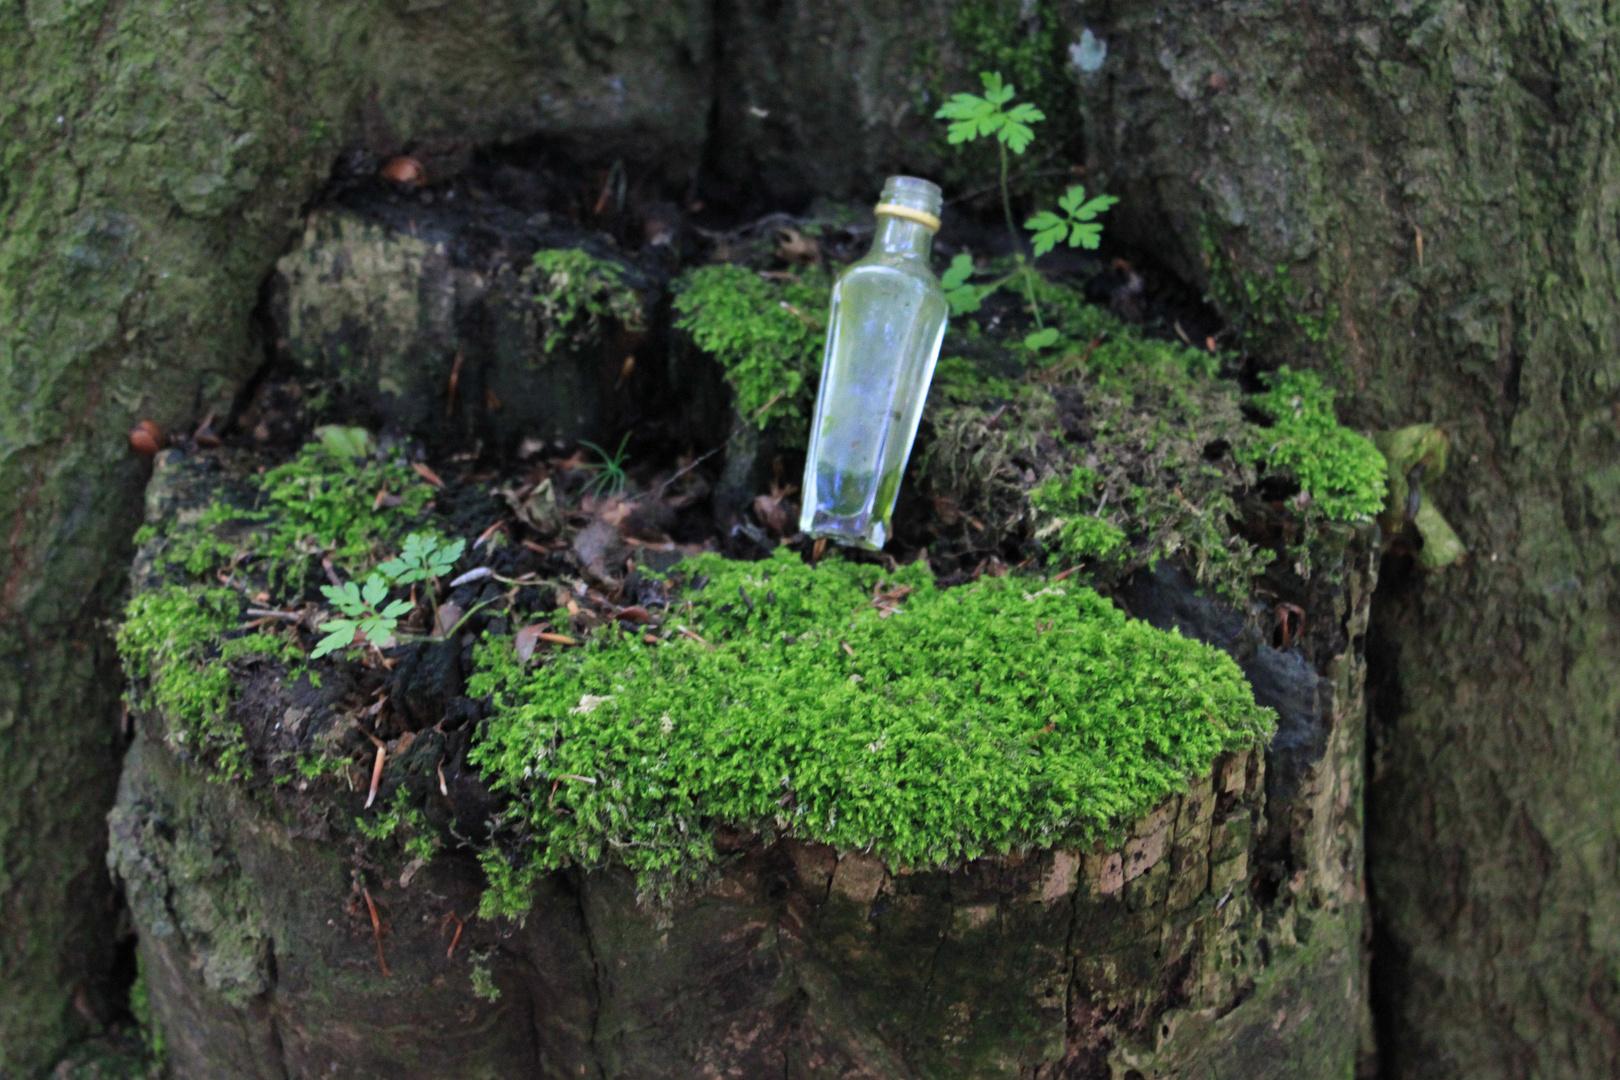 Wald oder Mülleimer?!